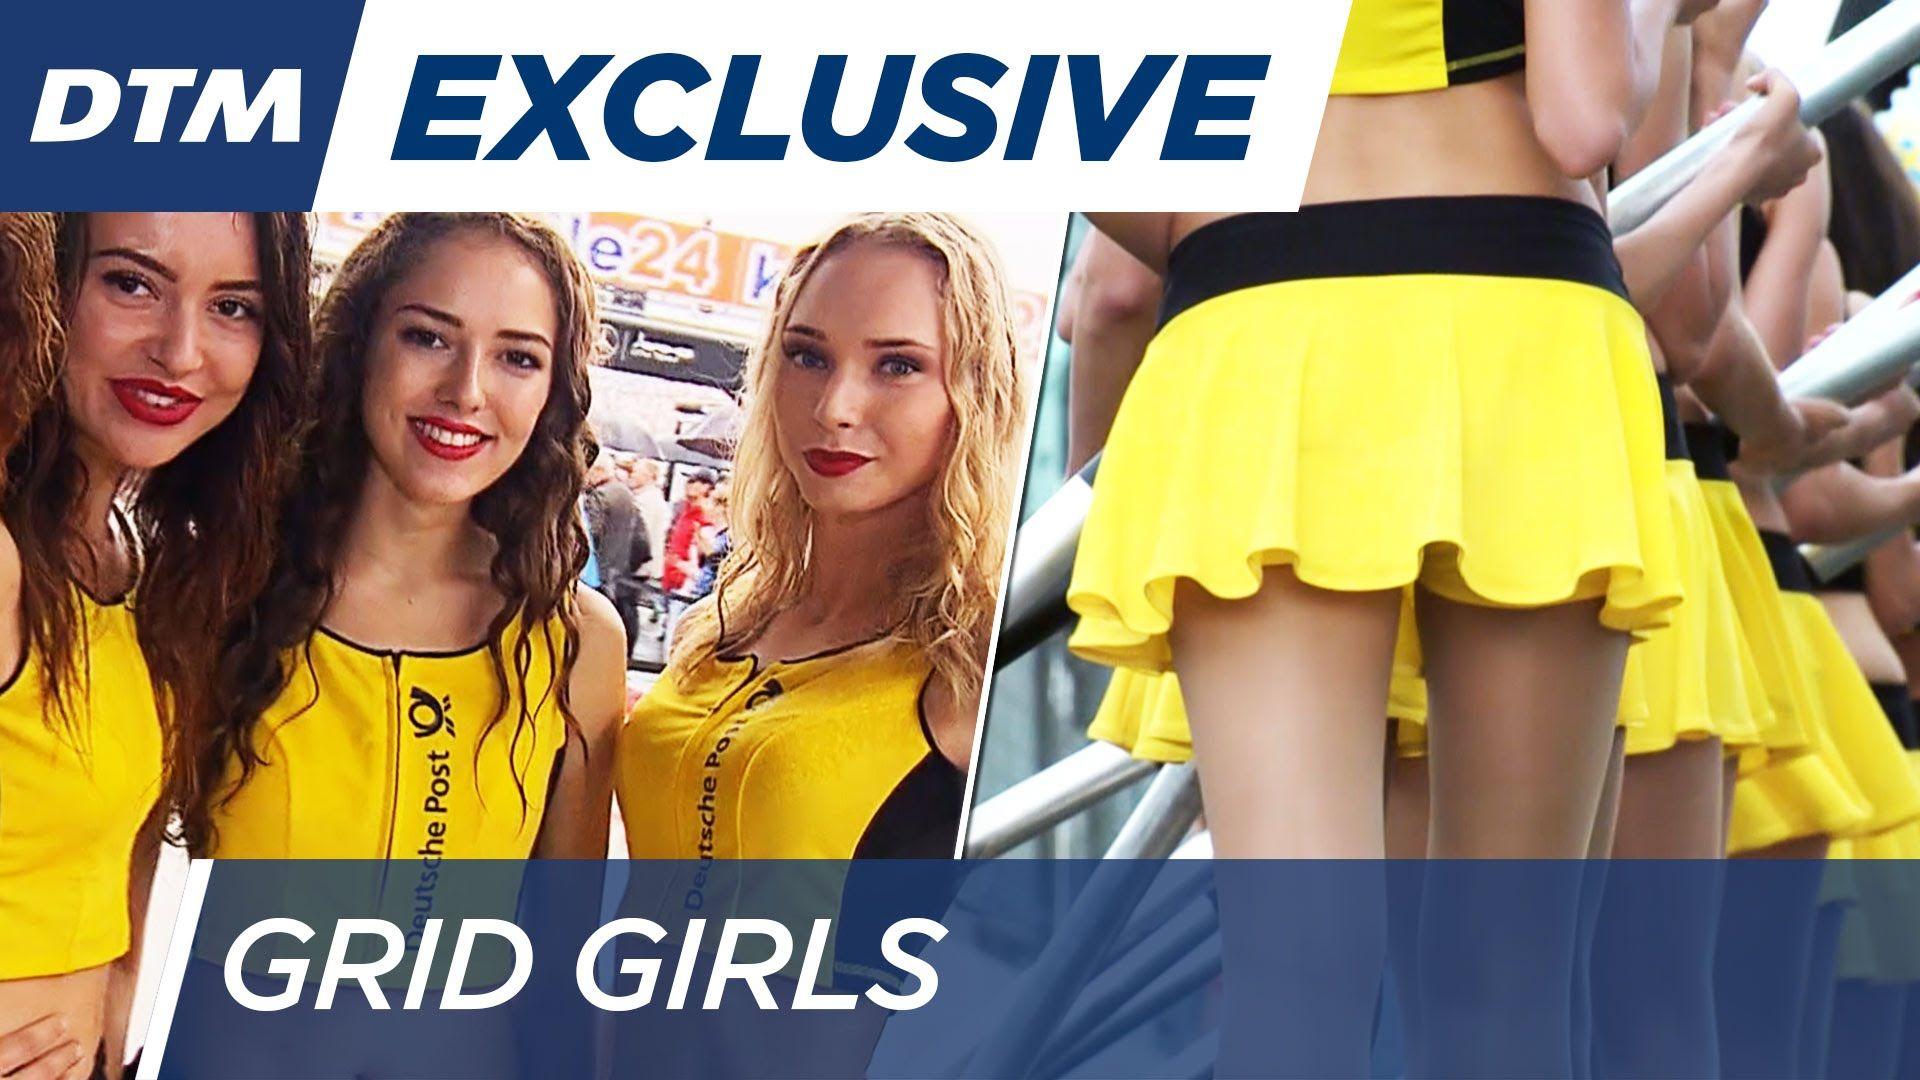 Sonnige Grid Girls | DTM Moskau 2916 // Als die Sonne schien, machten die Grid Girls eine sehr gute Figur beim DTM Rennen ins Moskau 2016!   Abonniert unseren YouTube Kanal (http://bit.do/subscribeDTM) und folgt uns auf unseren anderen Social-Media Kanälen:  Homepage: http://www.dtm.com Facebook: http://facebook.com/DTM Twitter: http://twitter.com/DTM Instagram: http://instagram.com/dtm_pics